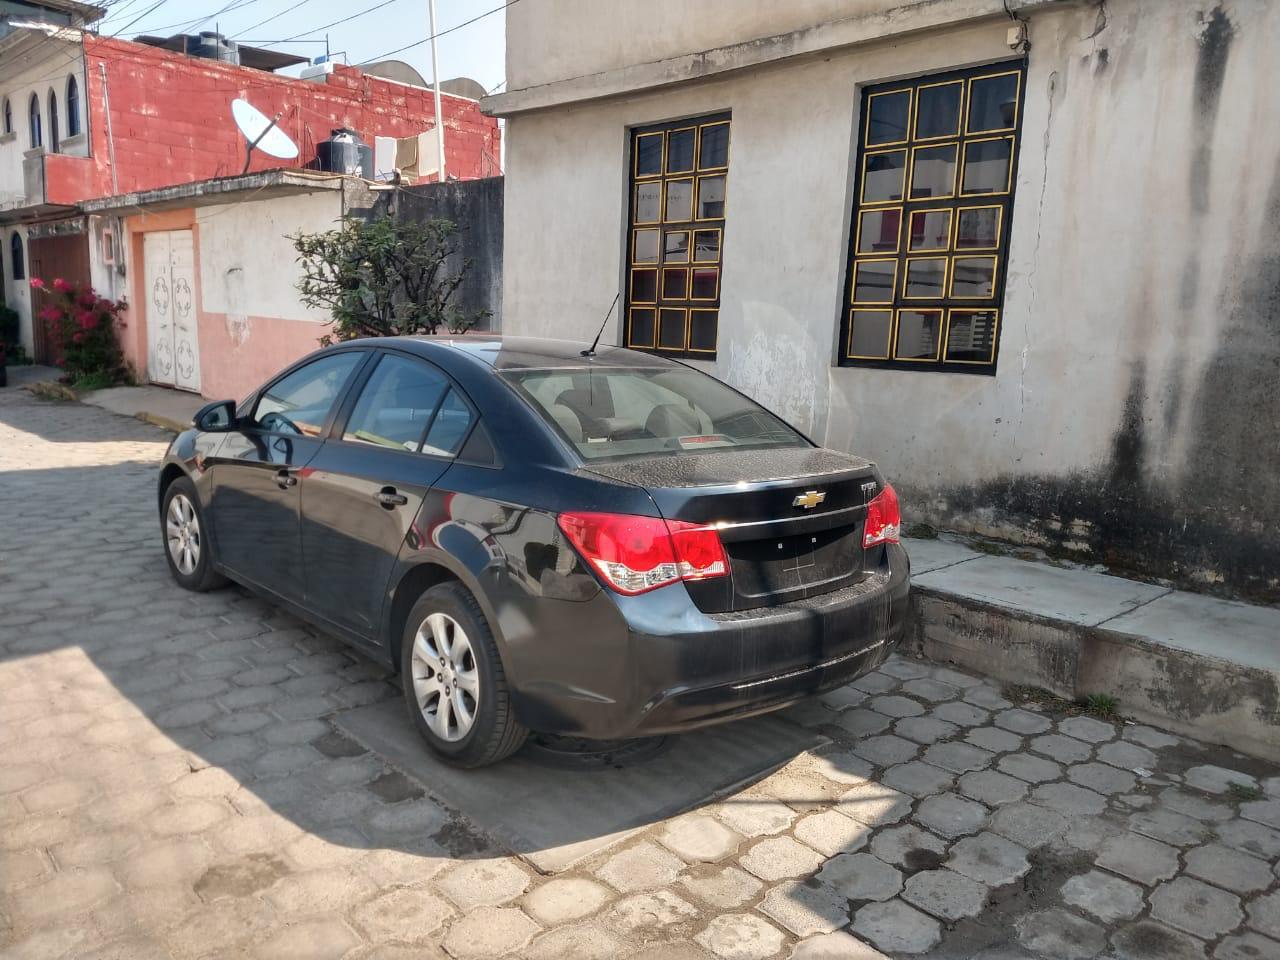 Operativo de seguridad da resultados recuperan vehículo con reporte de robo